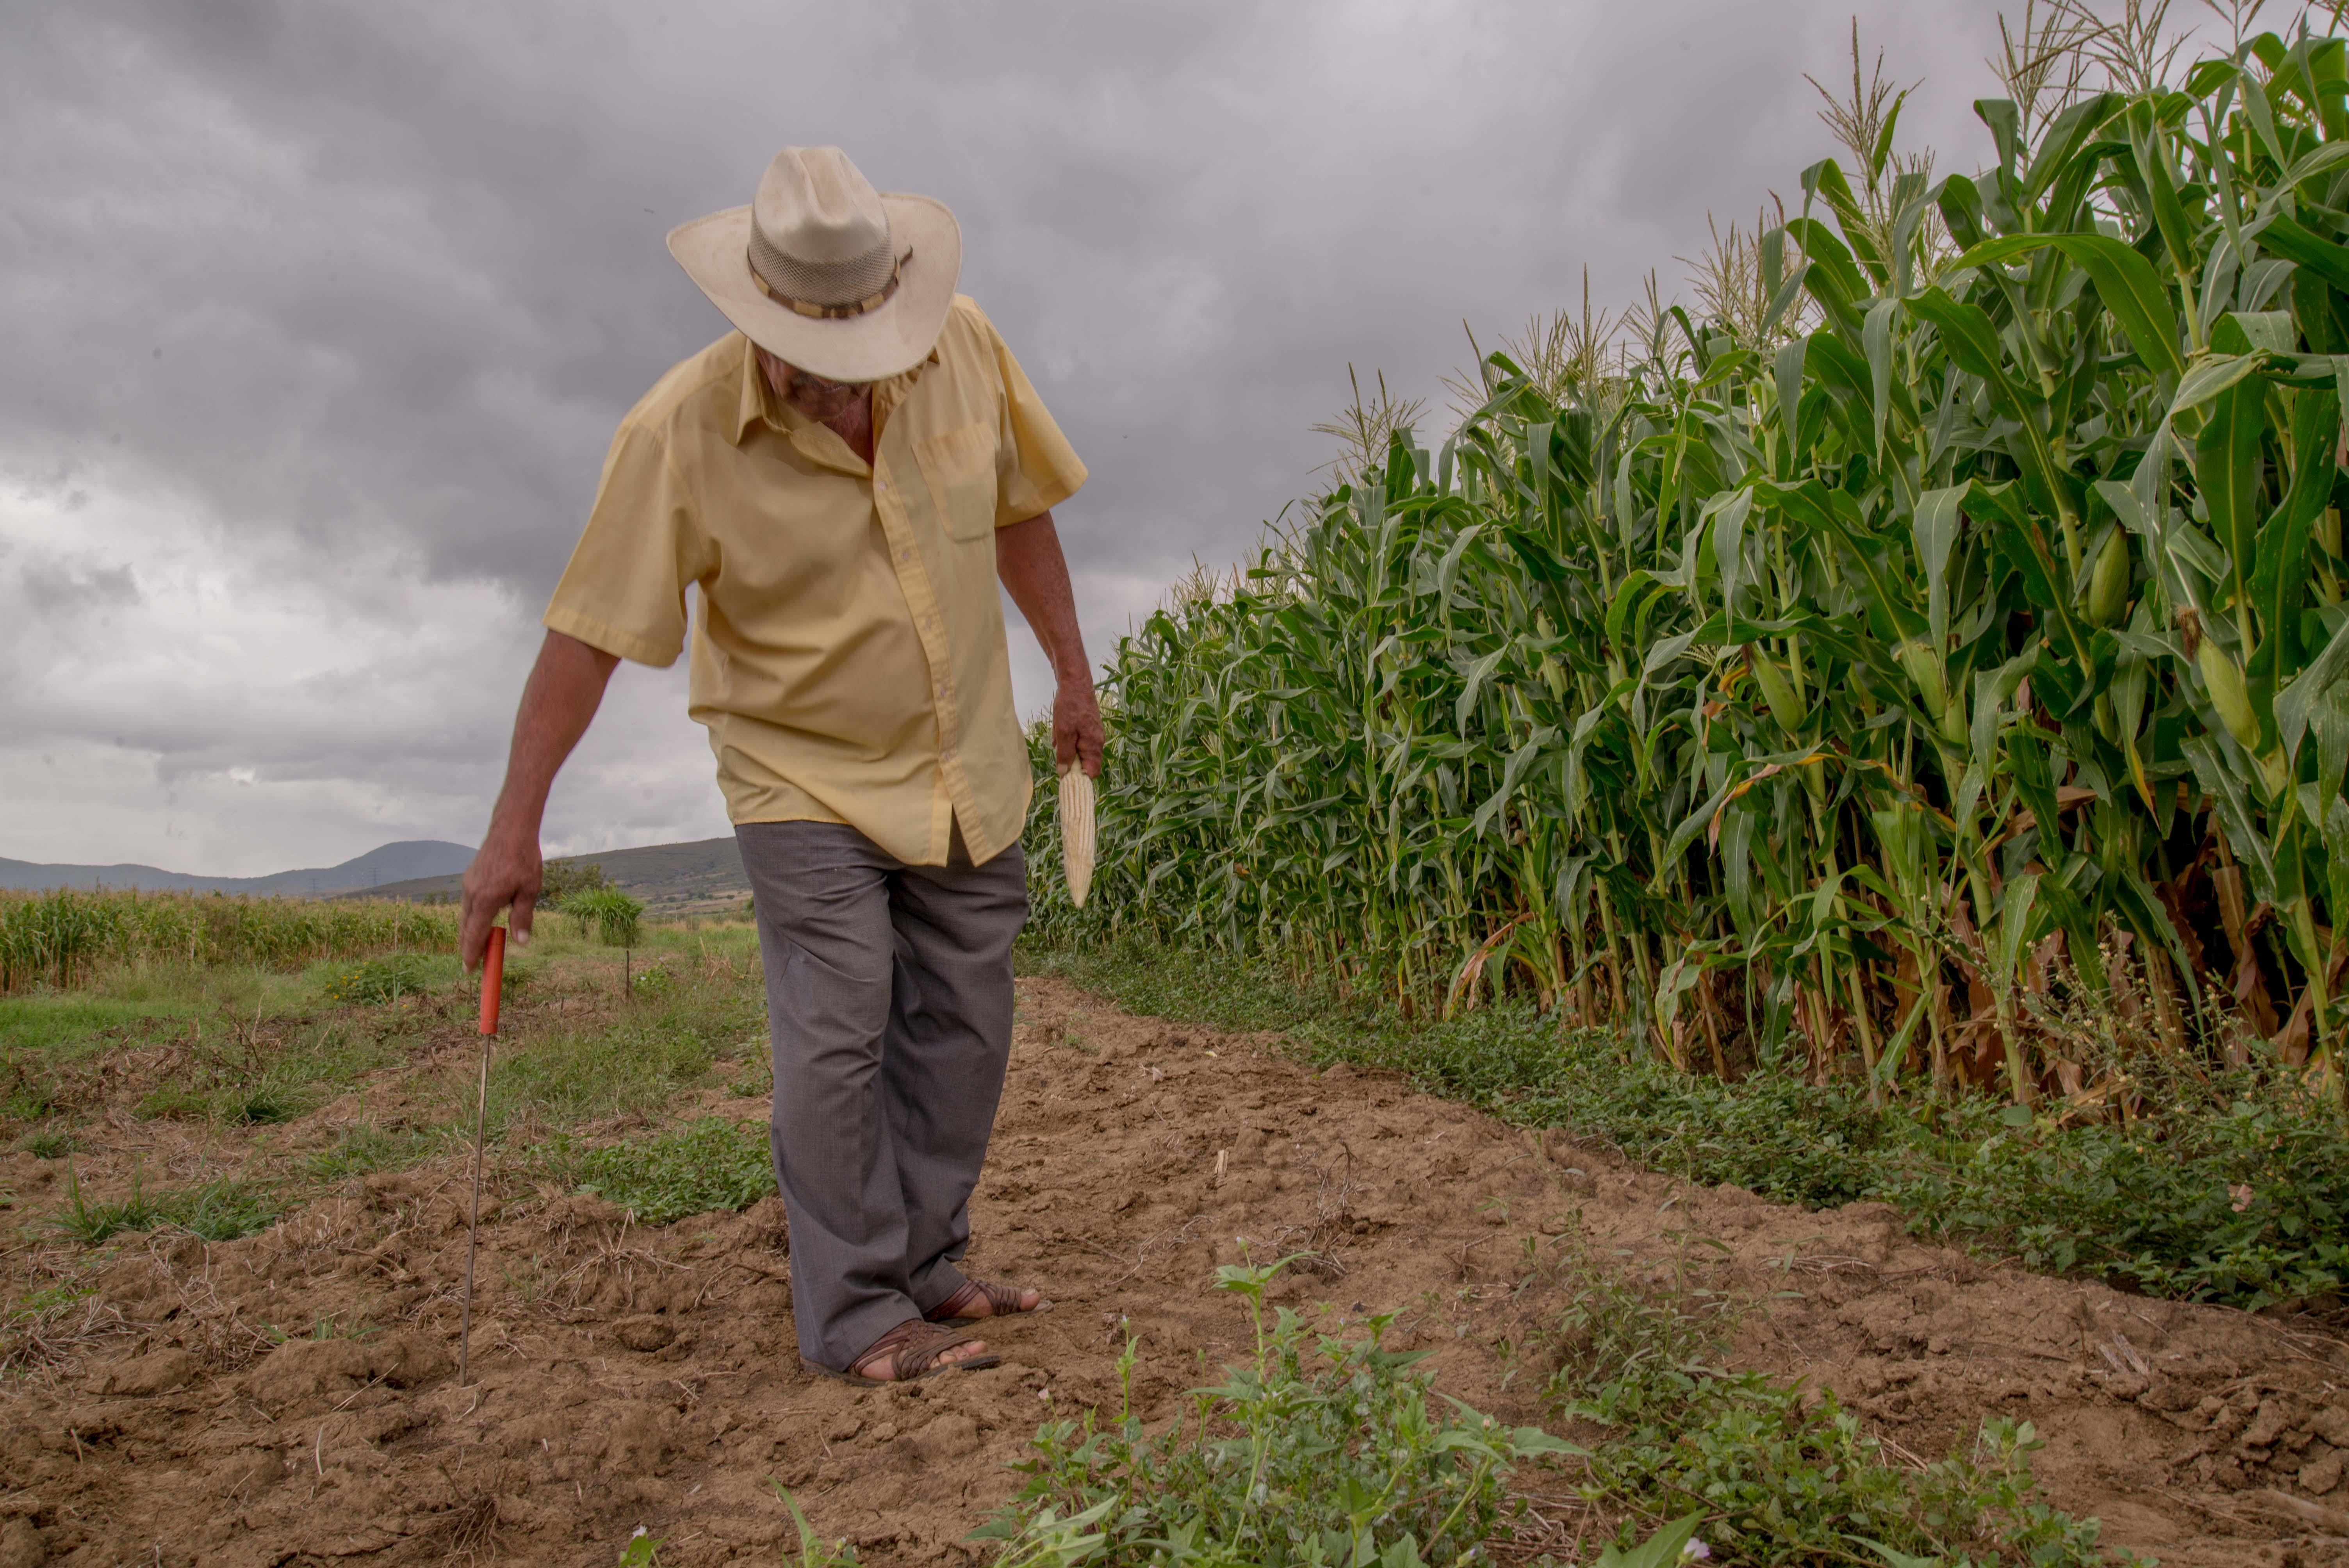 El campo mexicano es una forma de vida sana, buena con valores y cultura.